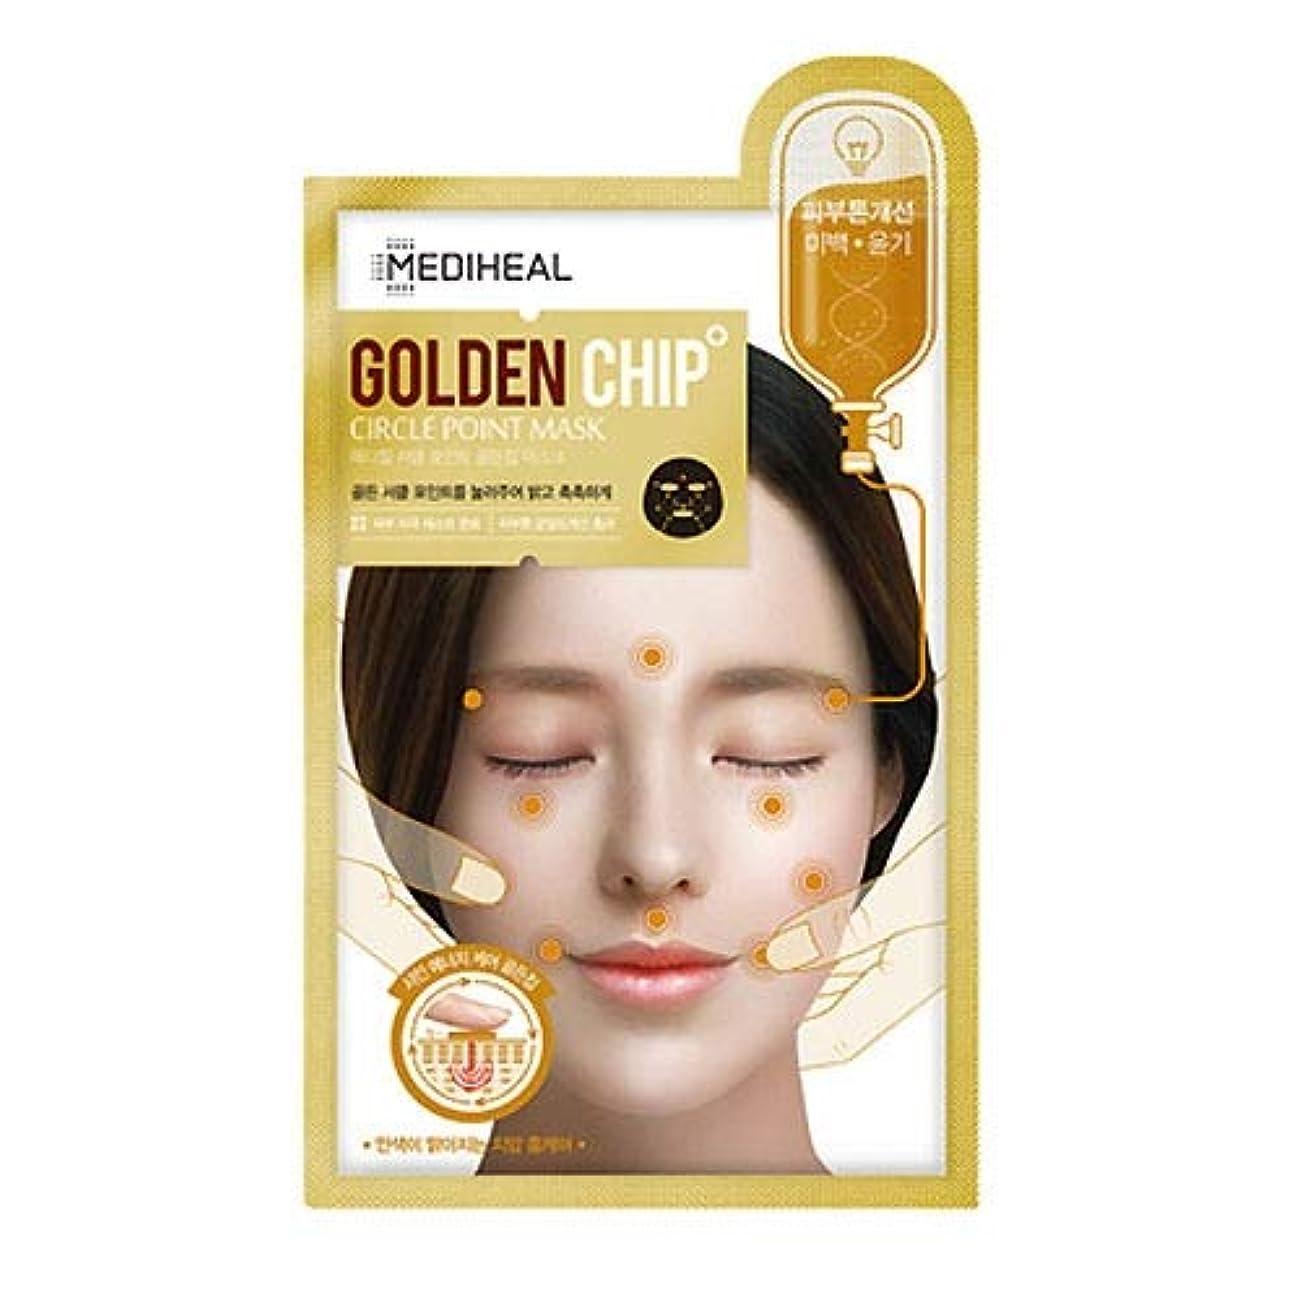 貼り直す北西ドロップMedihealメディヒールゴールデンチップサークルポイントマスク韓国化粧品美容 韓国の有名な化粧品ブランドの人気マスクパック1箱10枚肌の保湿皮膚鎮静スキンケア